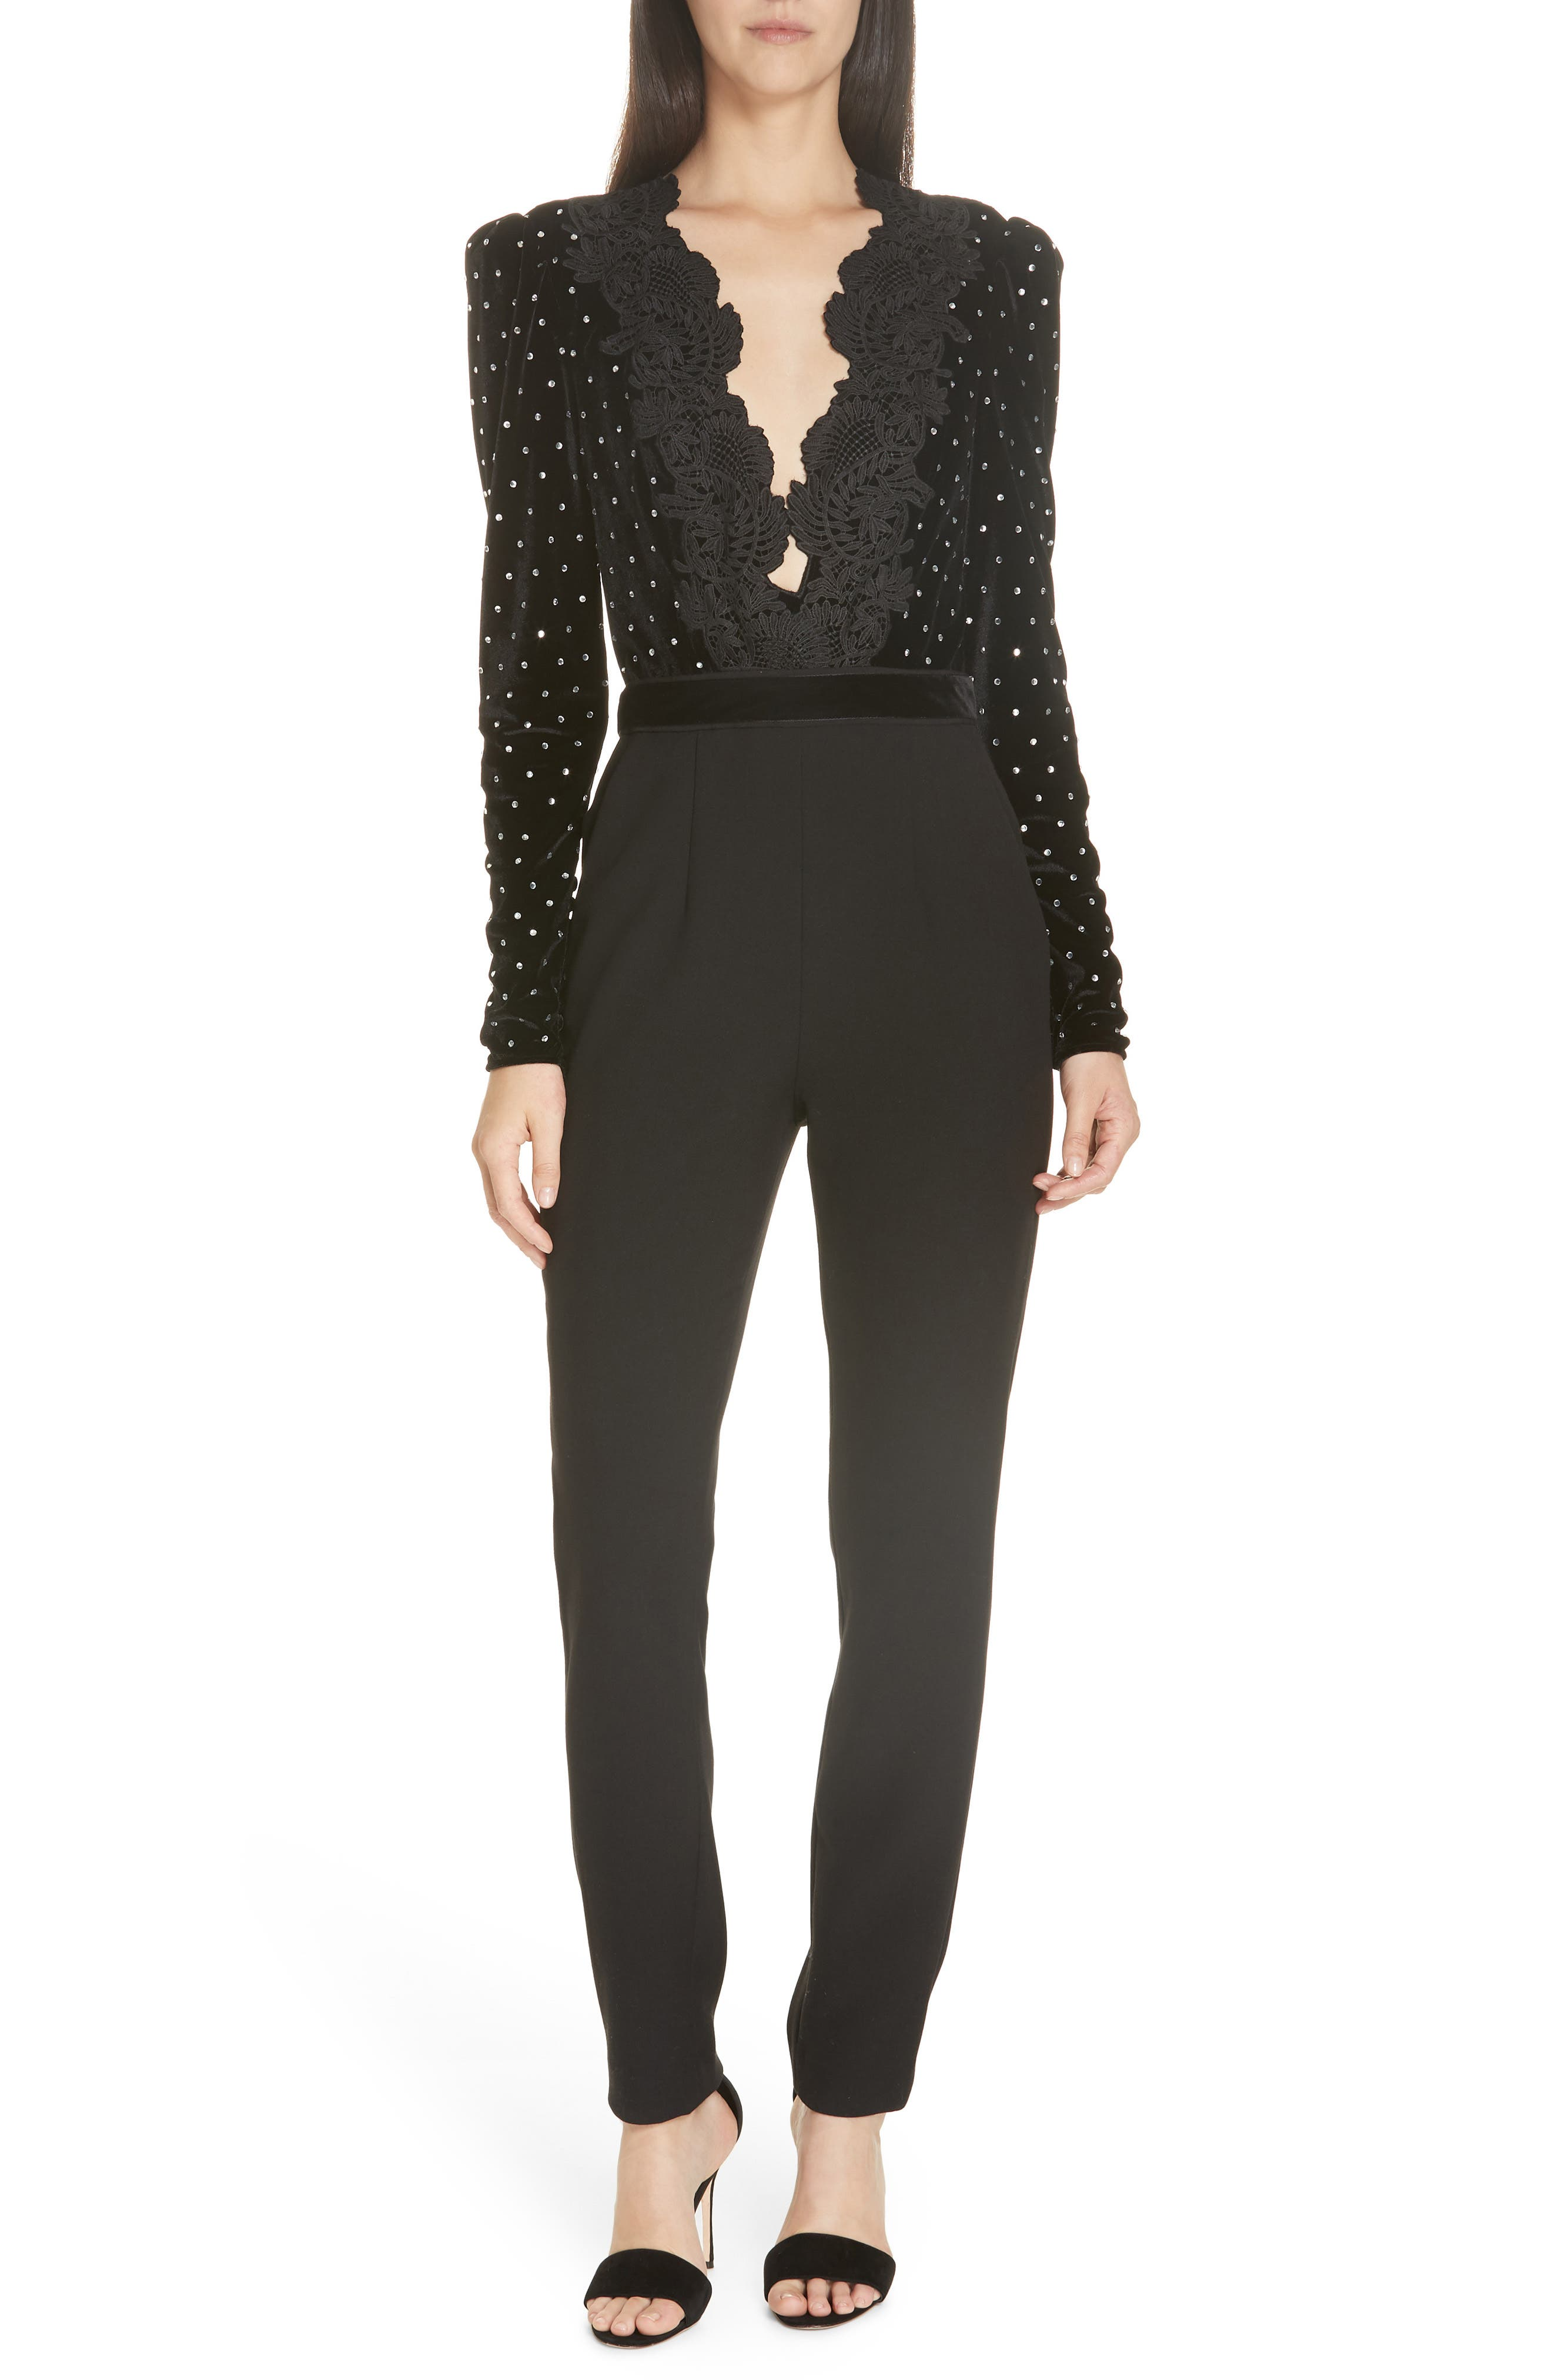 SELF-PORTRAIT Lace Trim Velvet Diamante Jumpsuit, Main, color, BLACK